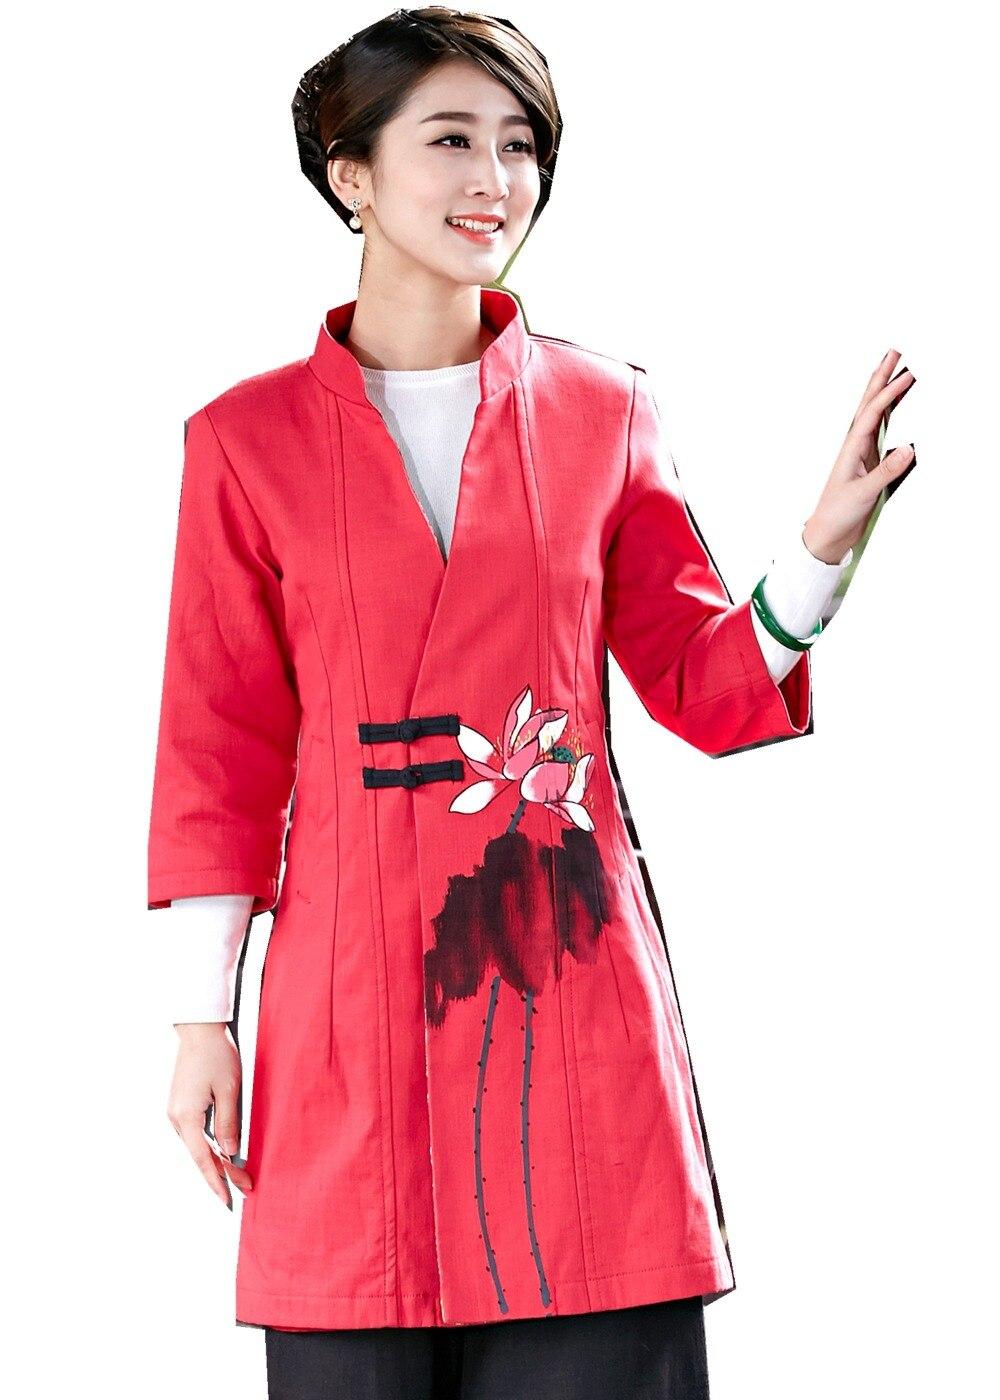 Shanghai Story nouveauté rouge femme bouton bouton chinois veste lin coton manteau classique chinois Tang vêtements pour les femmes